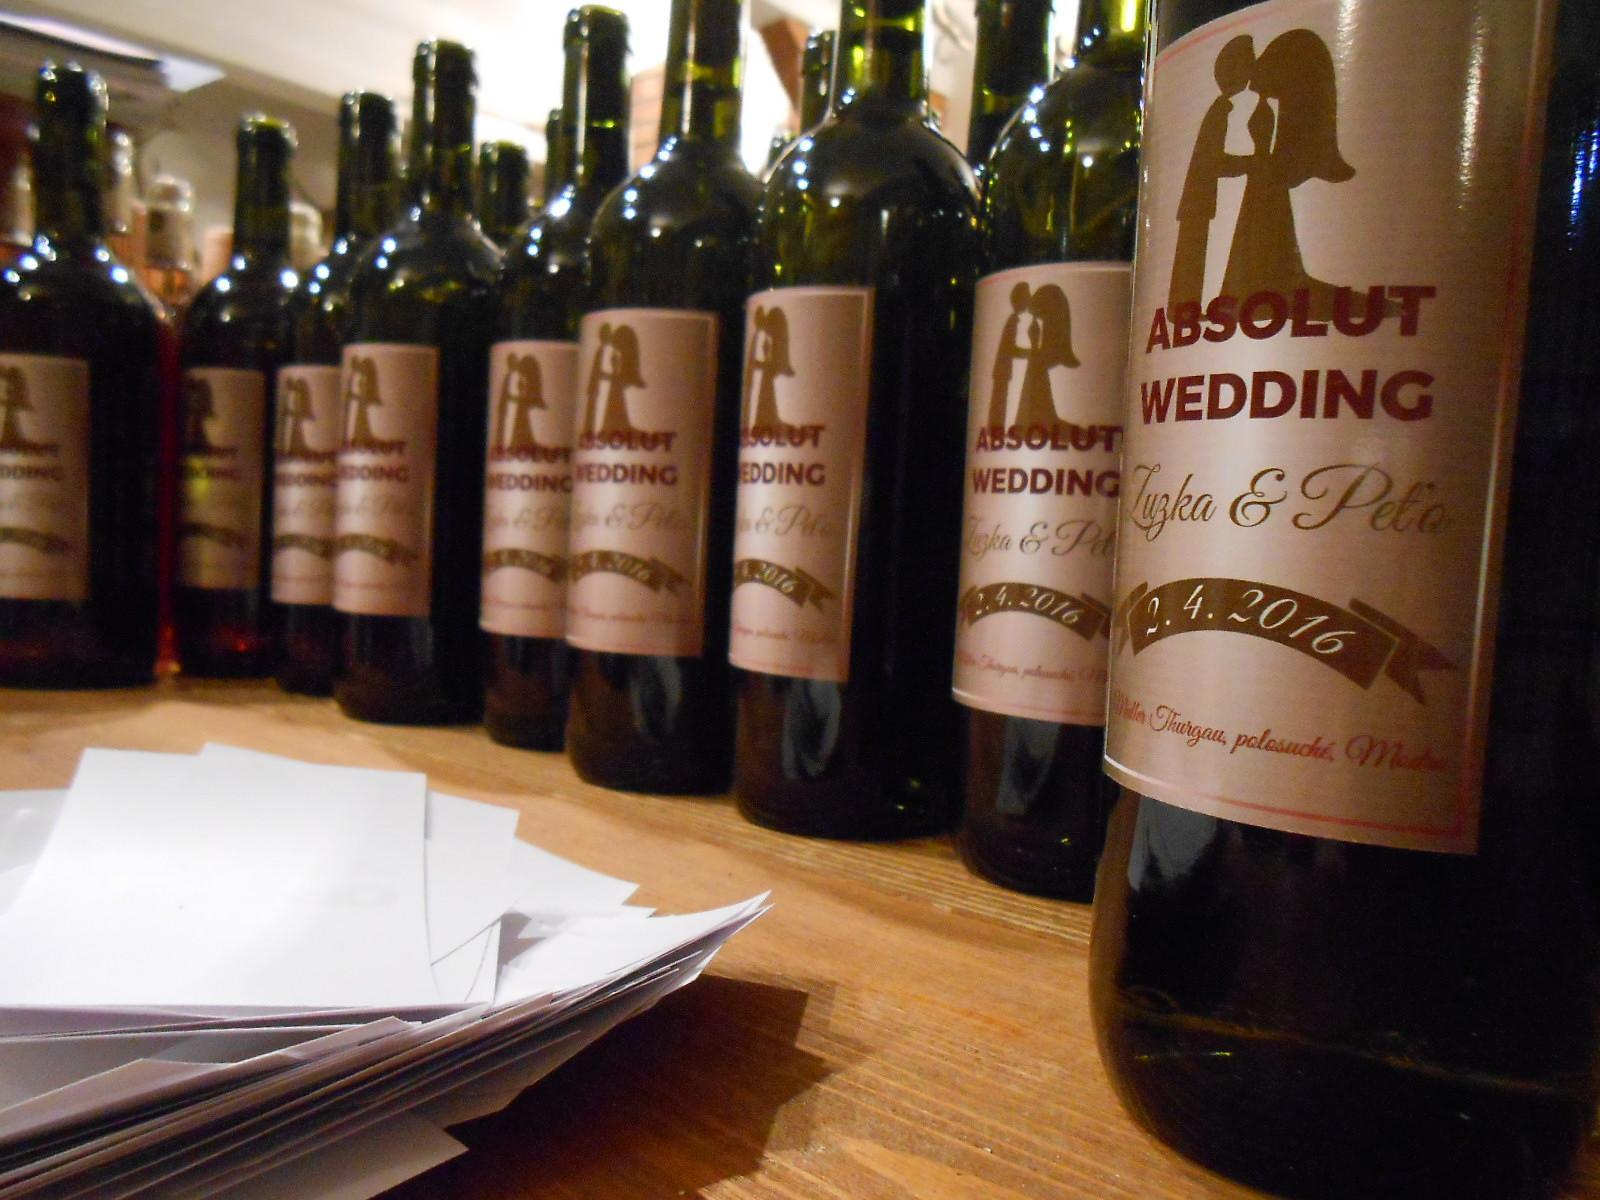 vinomaravilla - Svadobné víno pre zahraničných svadobných hostí